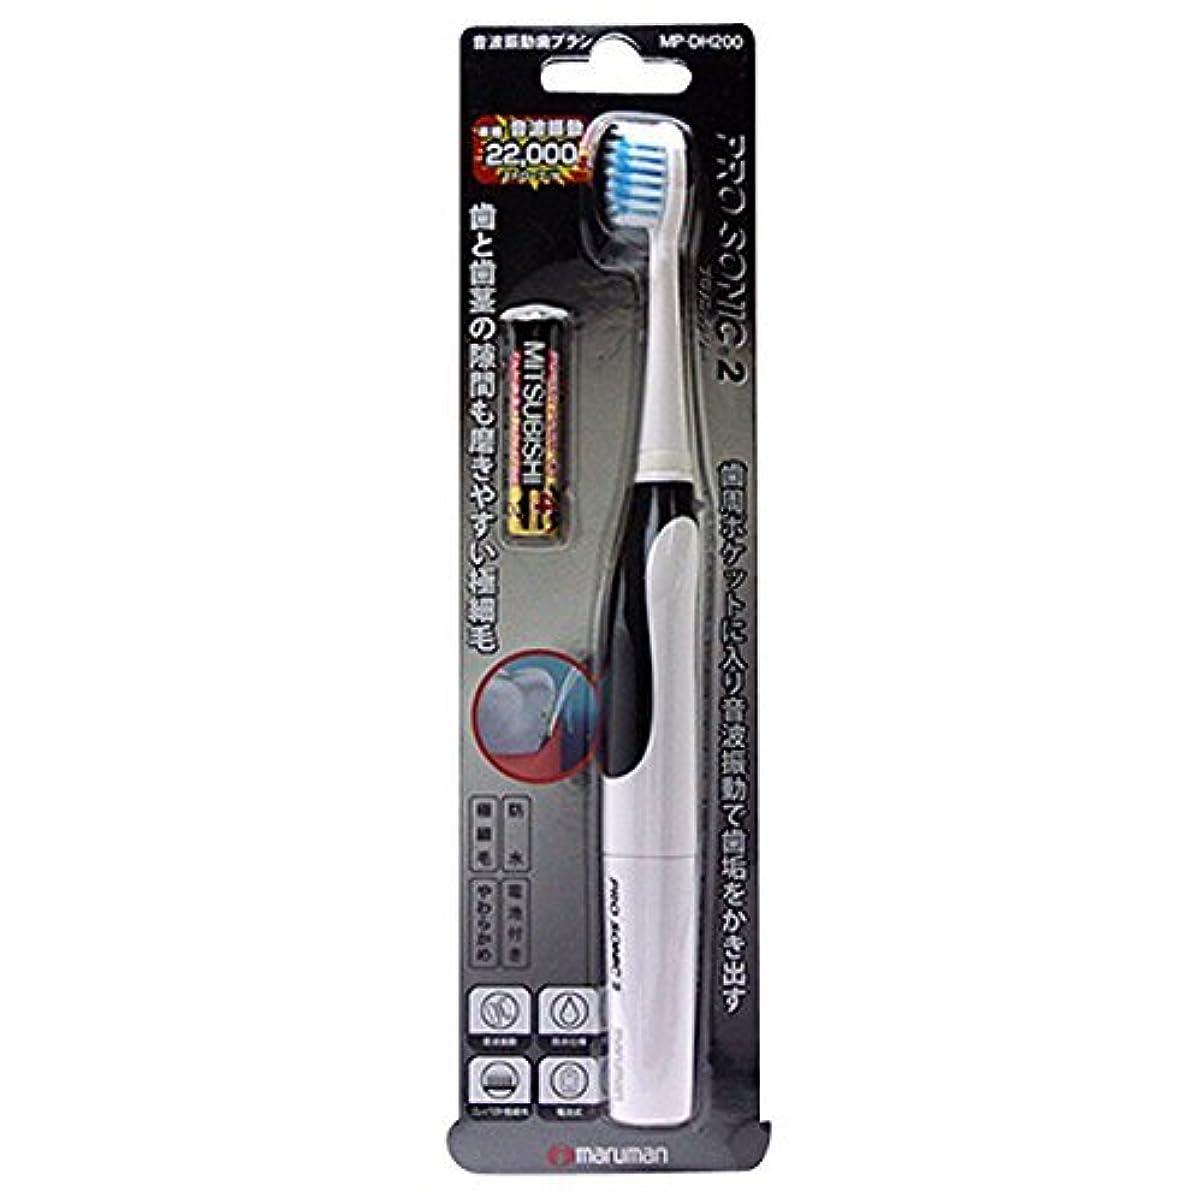 有害な無能検索エンジンマーケティング音波振動歯ブラシ PROSONIC2(プロソニック ツー) MP-DH200BK ブラック